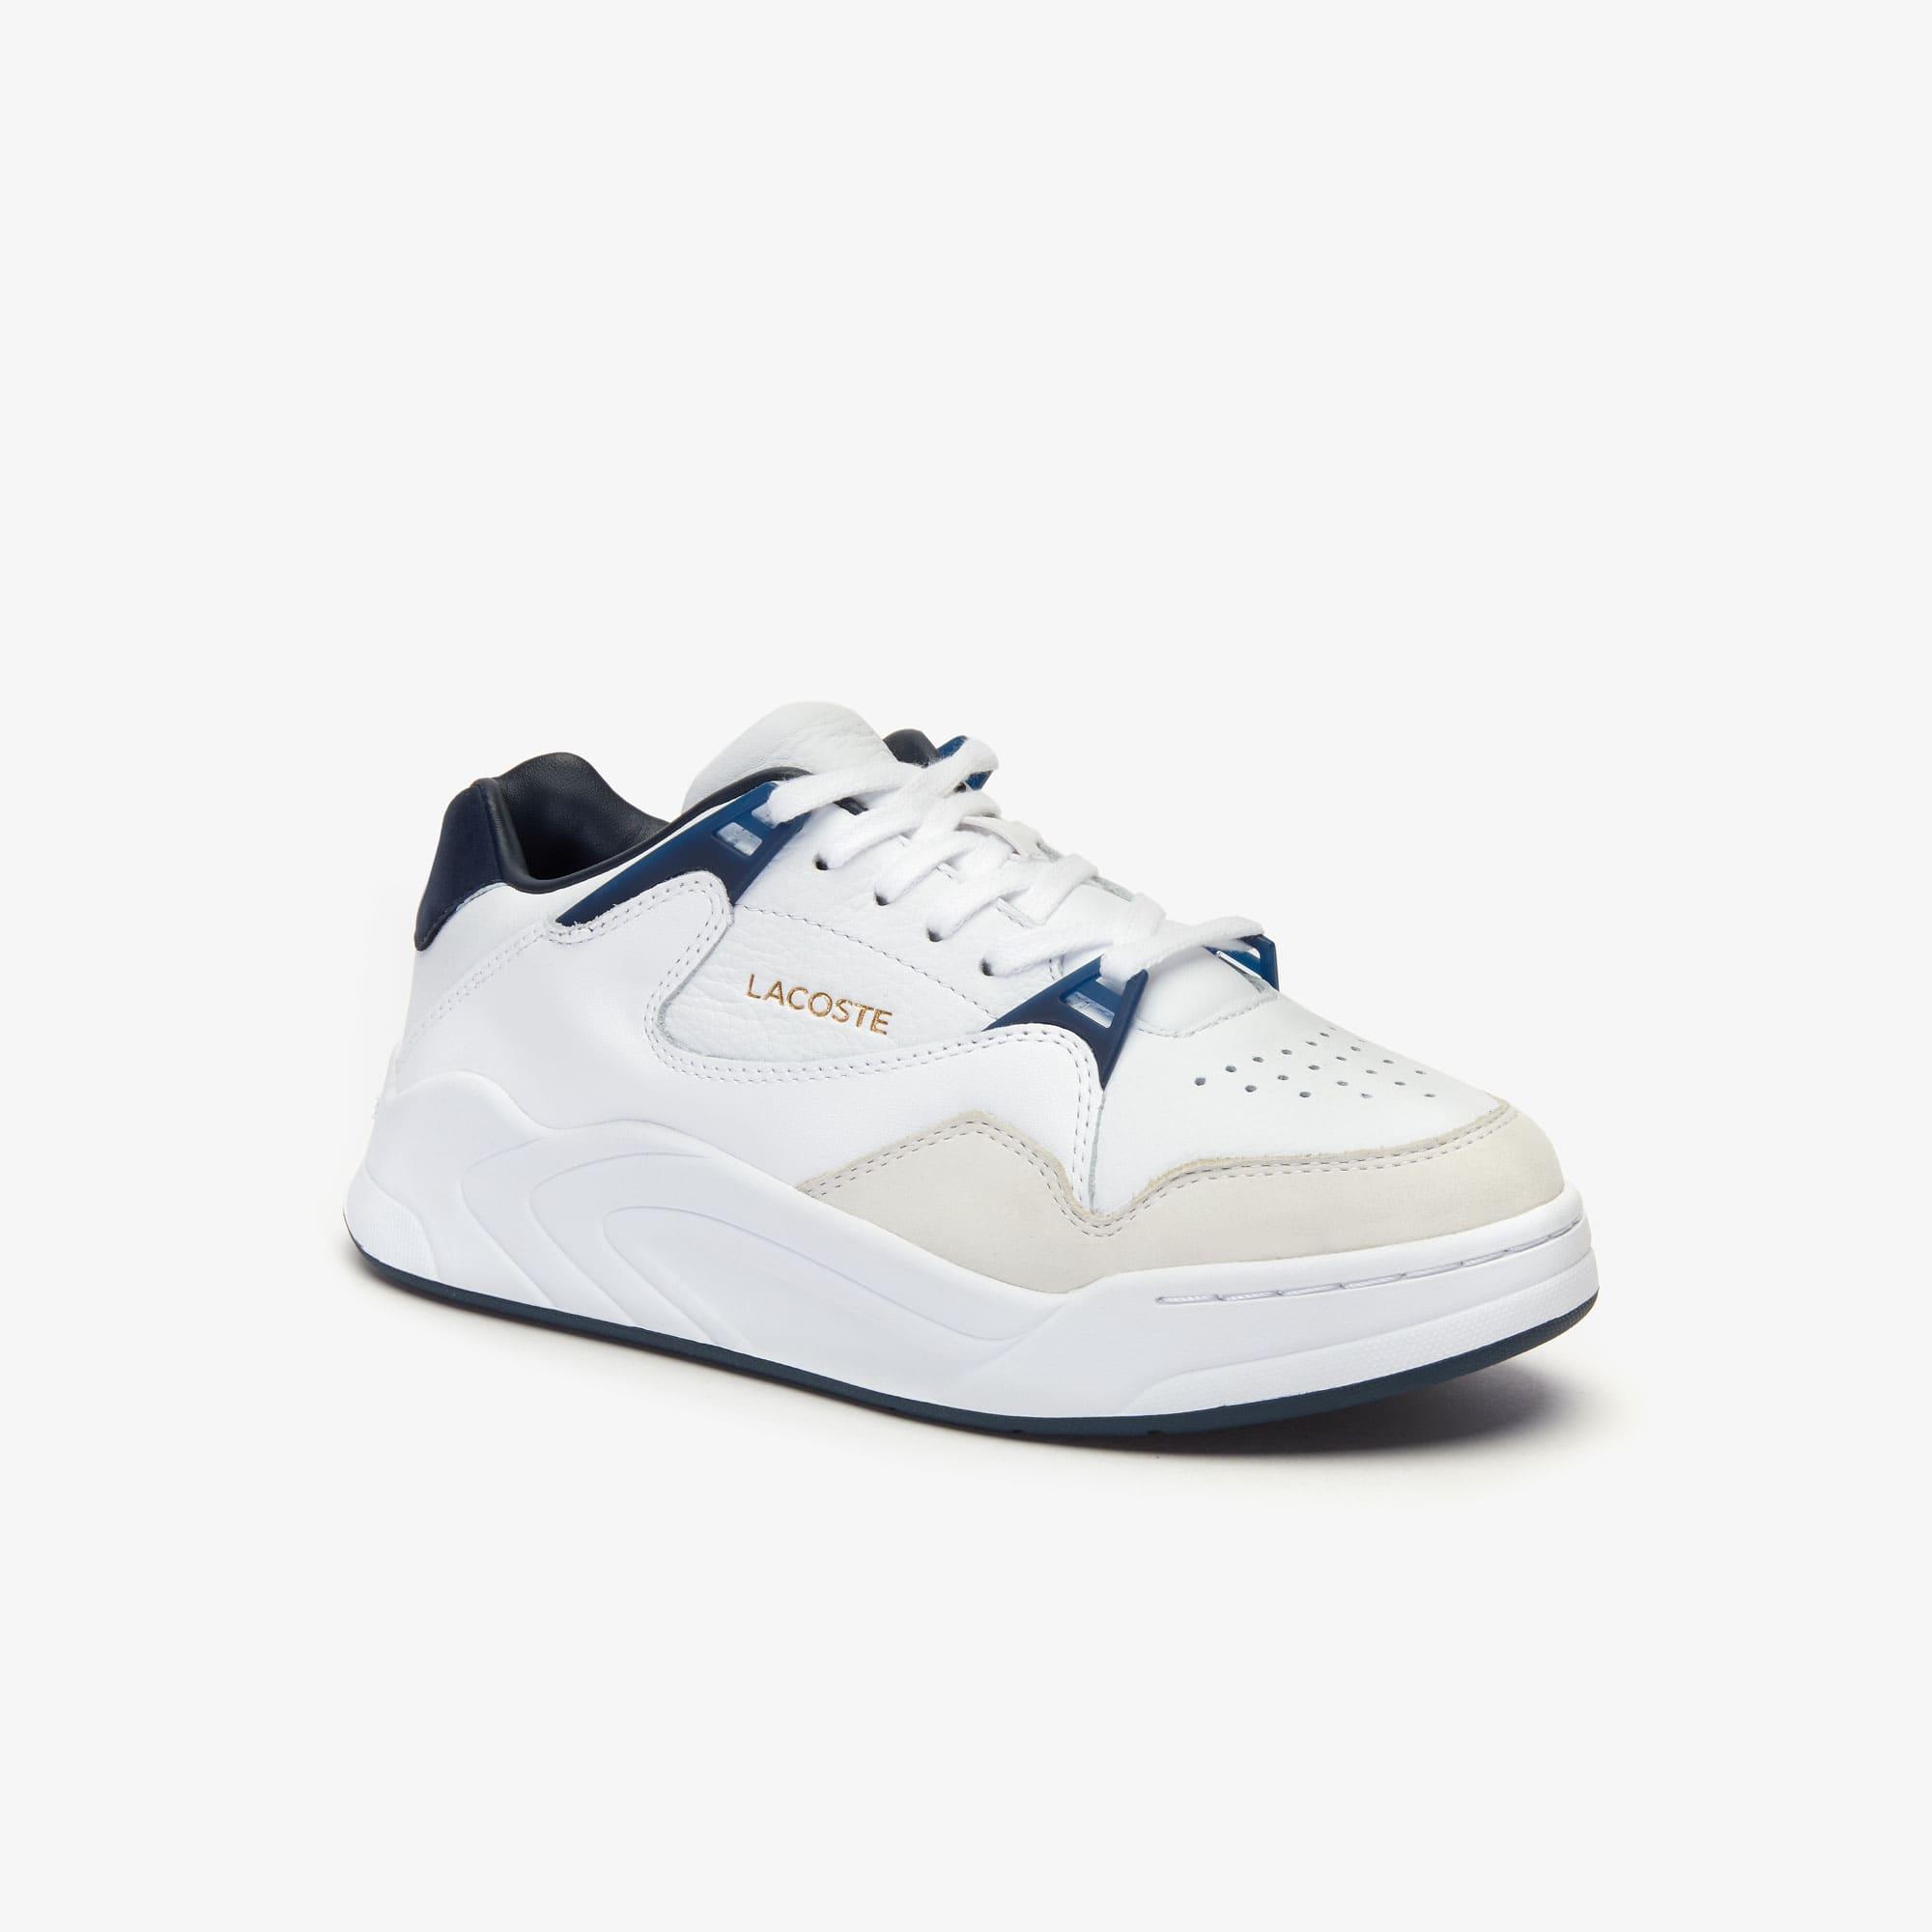 d537144e8d1b Chaussures femme | Collection Femme | LACOSTE